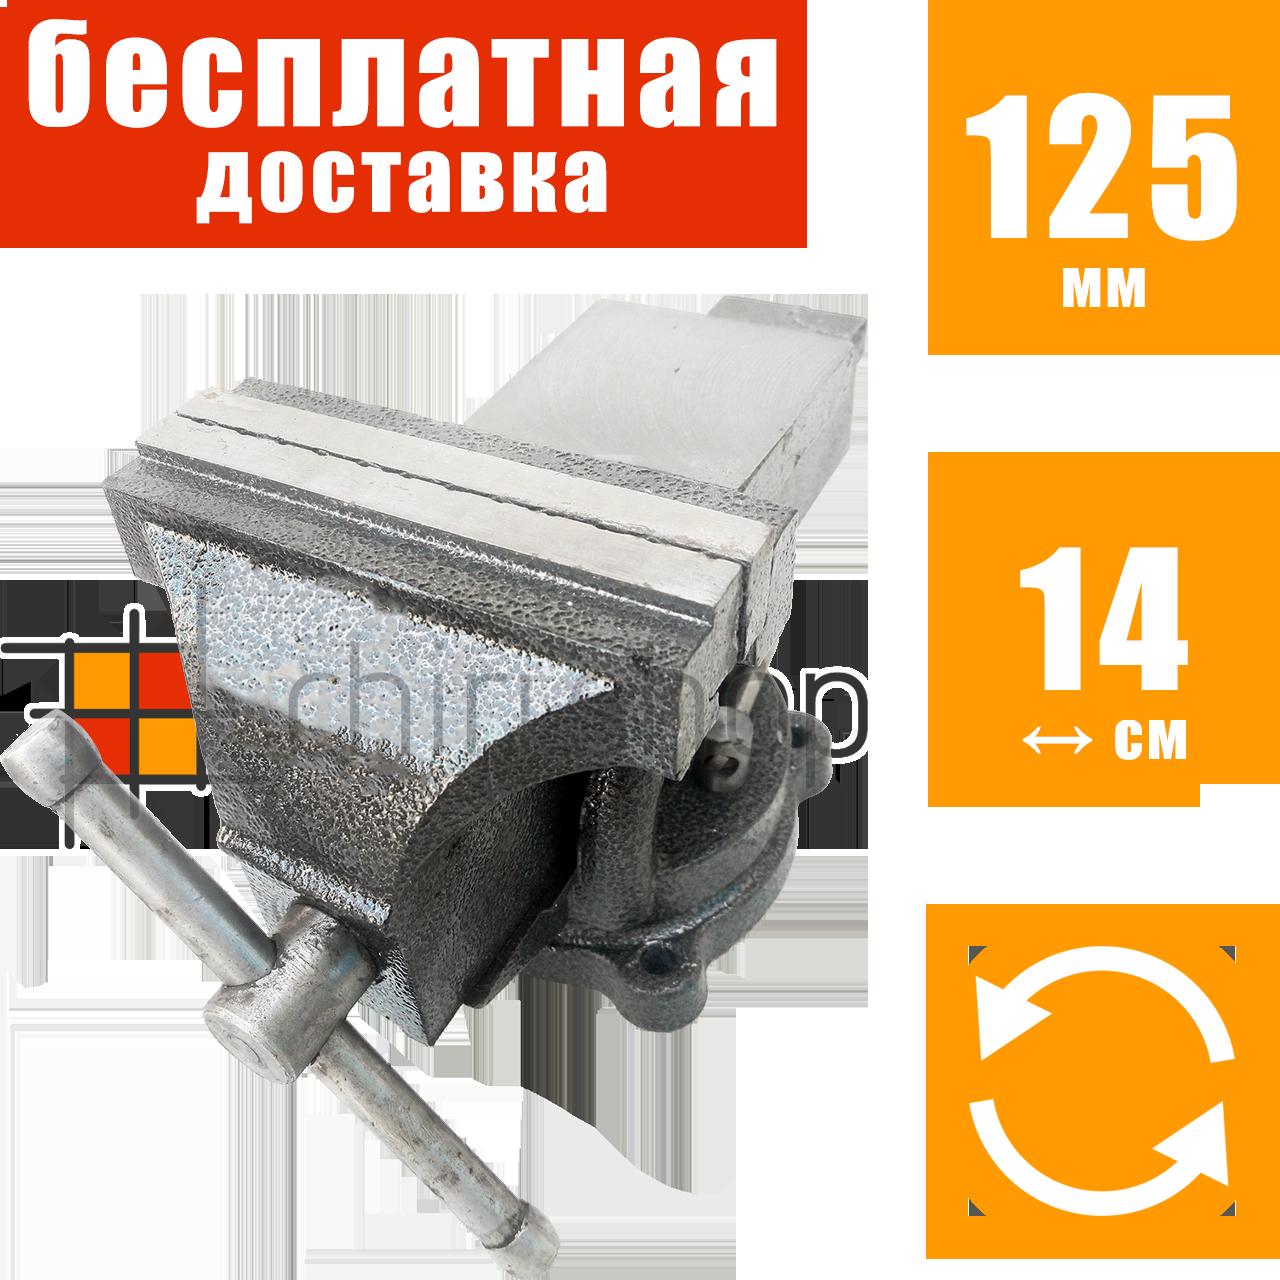 Тиски слесарные поворотные 125 мм / 5″ Onex, чугунные тисы слесарные с наковальней